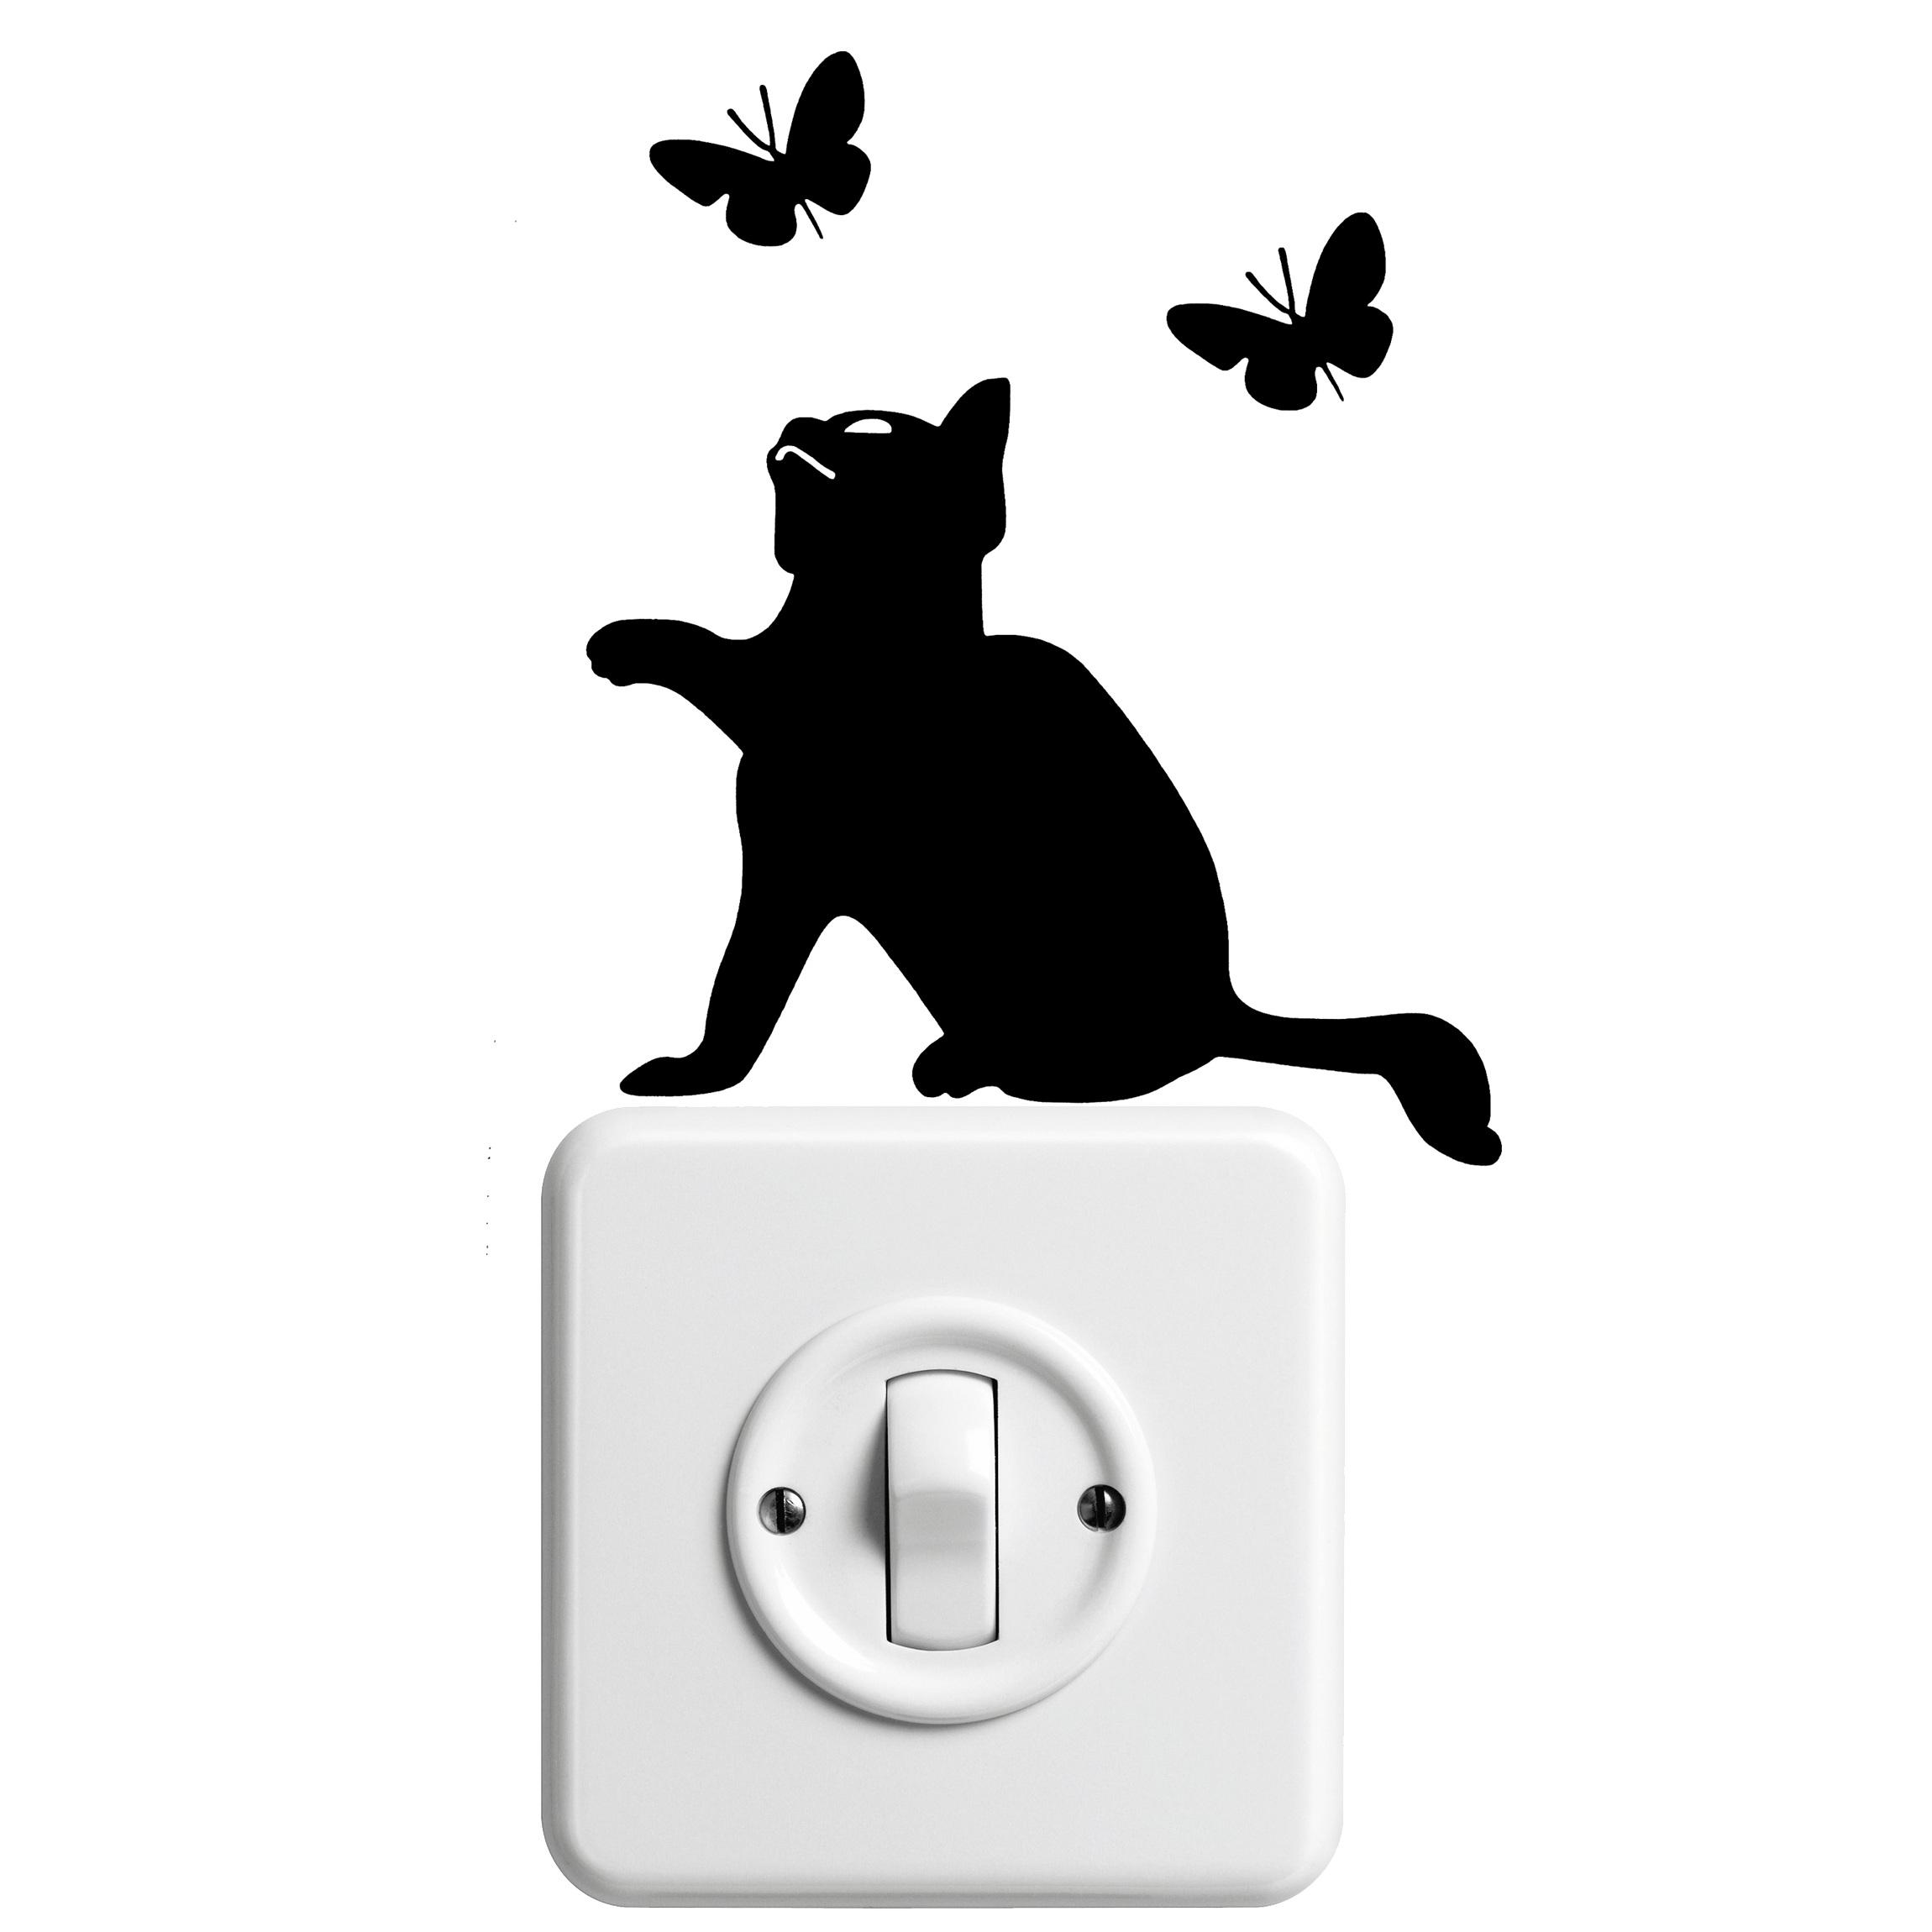 2300x2300 Free Images Silhouette, Pet, Portrait, Kitten, Black, Font